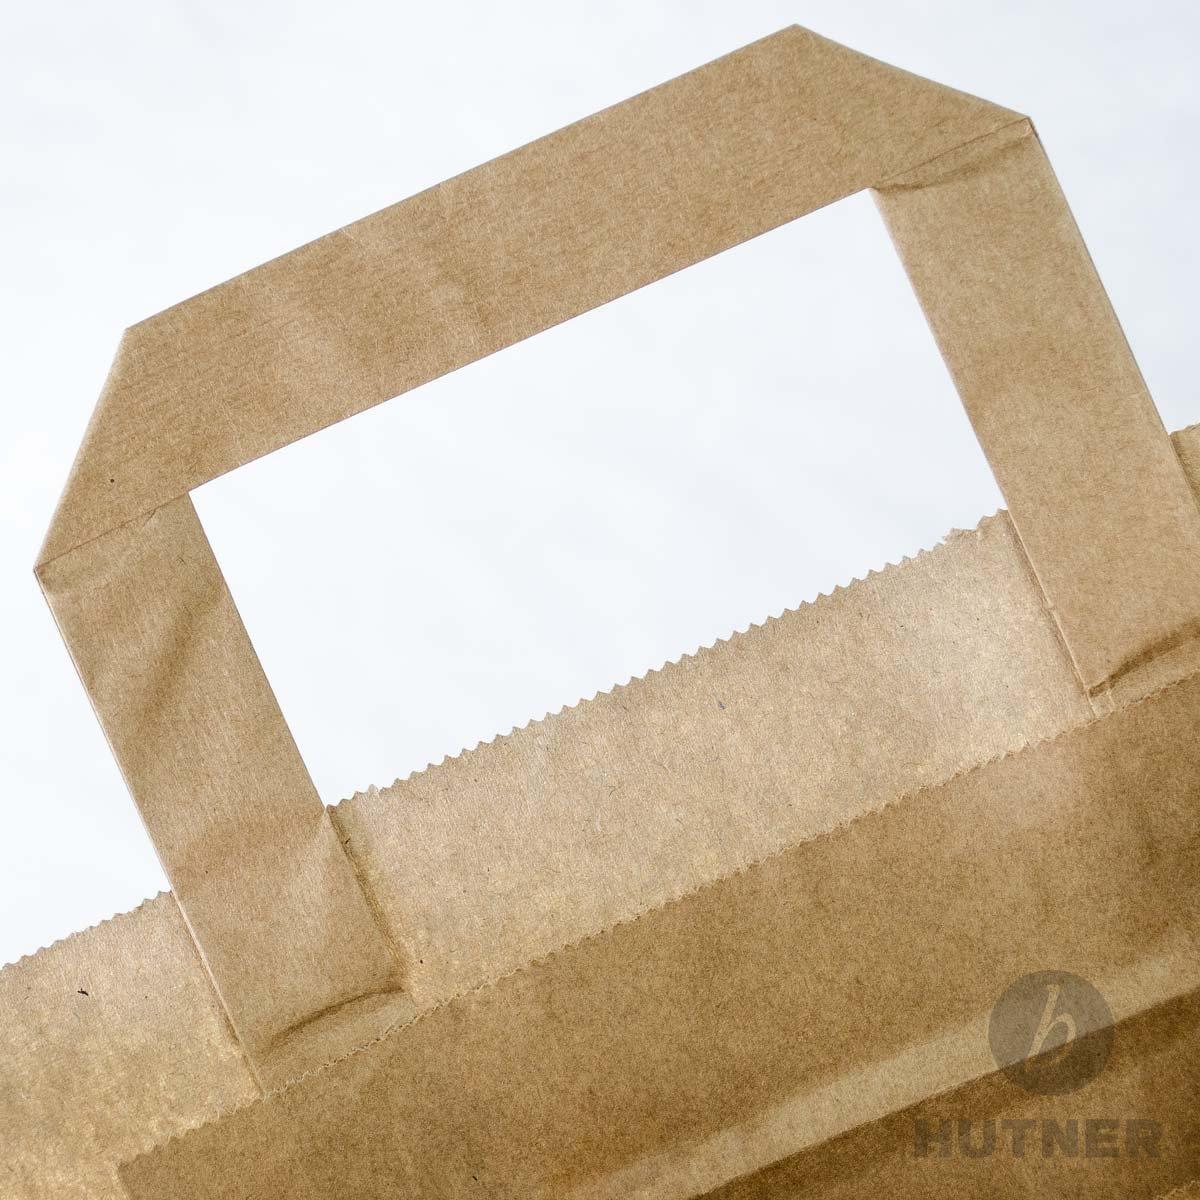 100 x Papiertüten braun 3217x44 cm     stabile Papiertragetaschen   Kraftpapiertüten Flachhenkel   Paper Bag Mittel   Werbetaschen   HUTNER B076KLMT8B   Niedriger Preis und gute Qualität    Verkauf Online-Shop    Elegante und robuste Verpackung 3da283